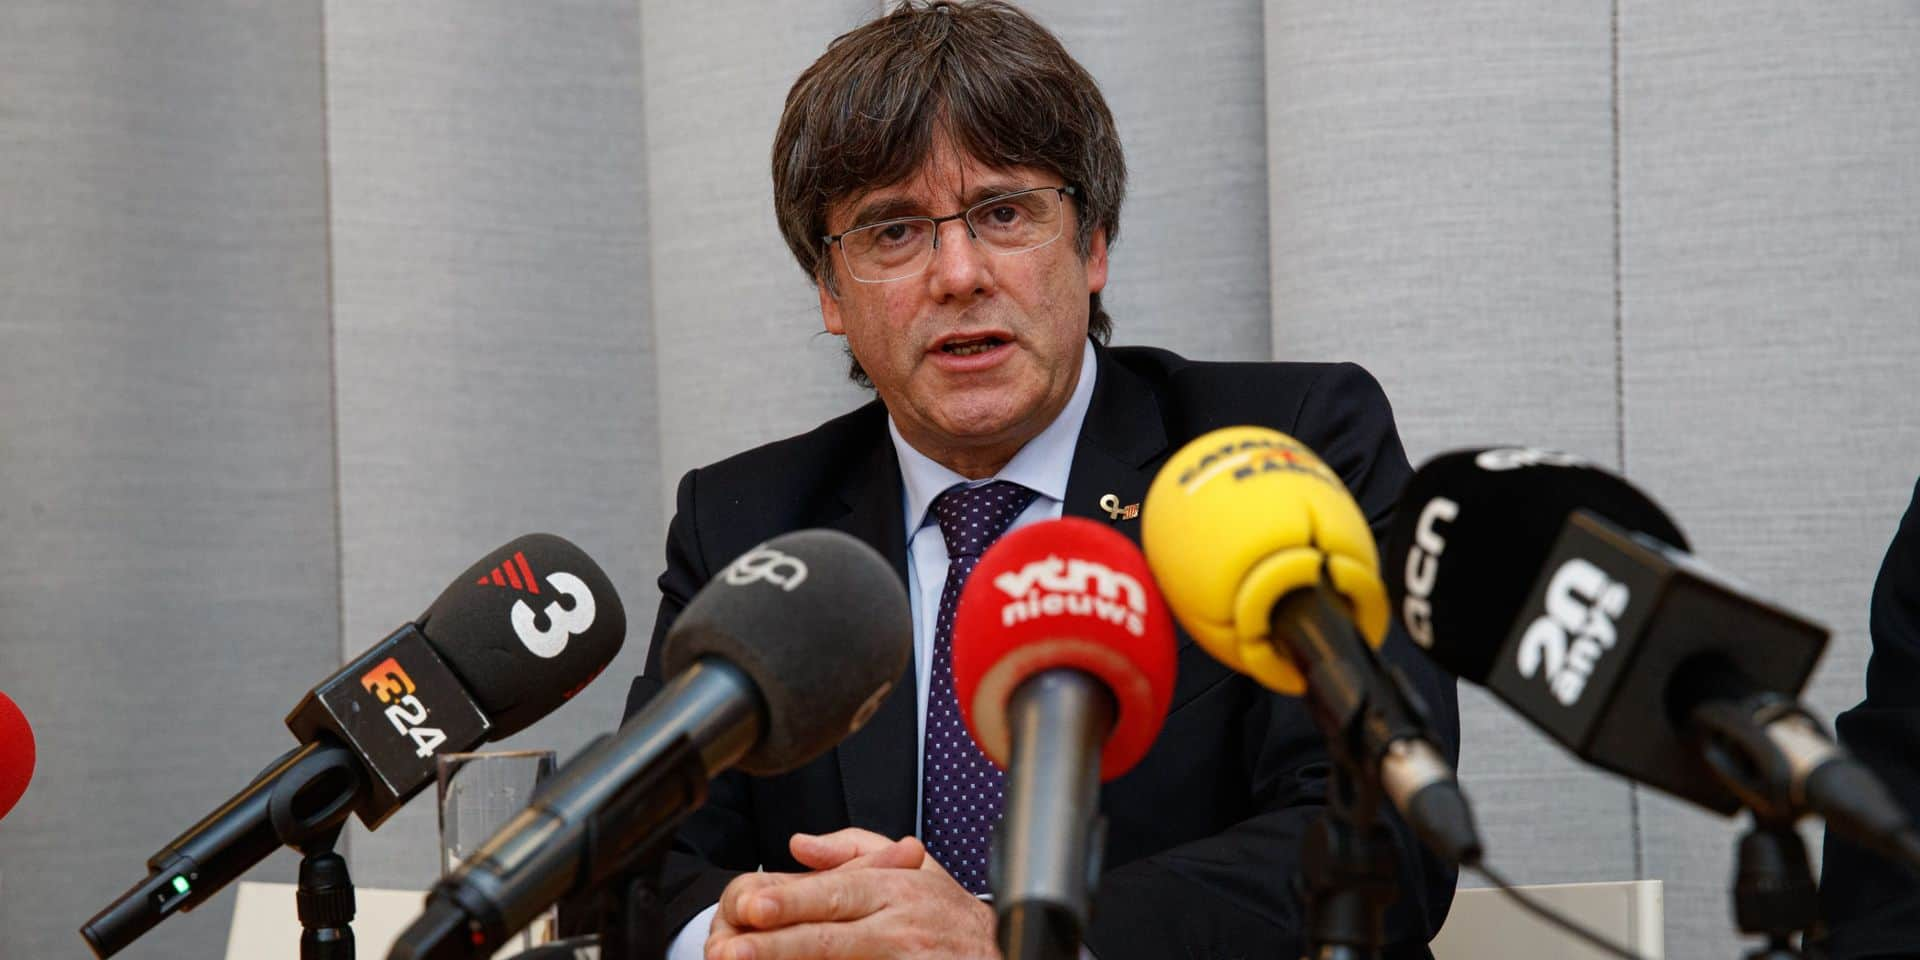 Carles Puigdemont s'est présenté à la police fédérale belge ce vendredi matin